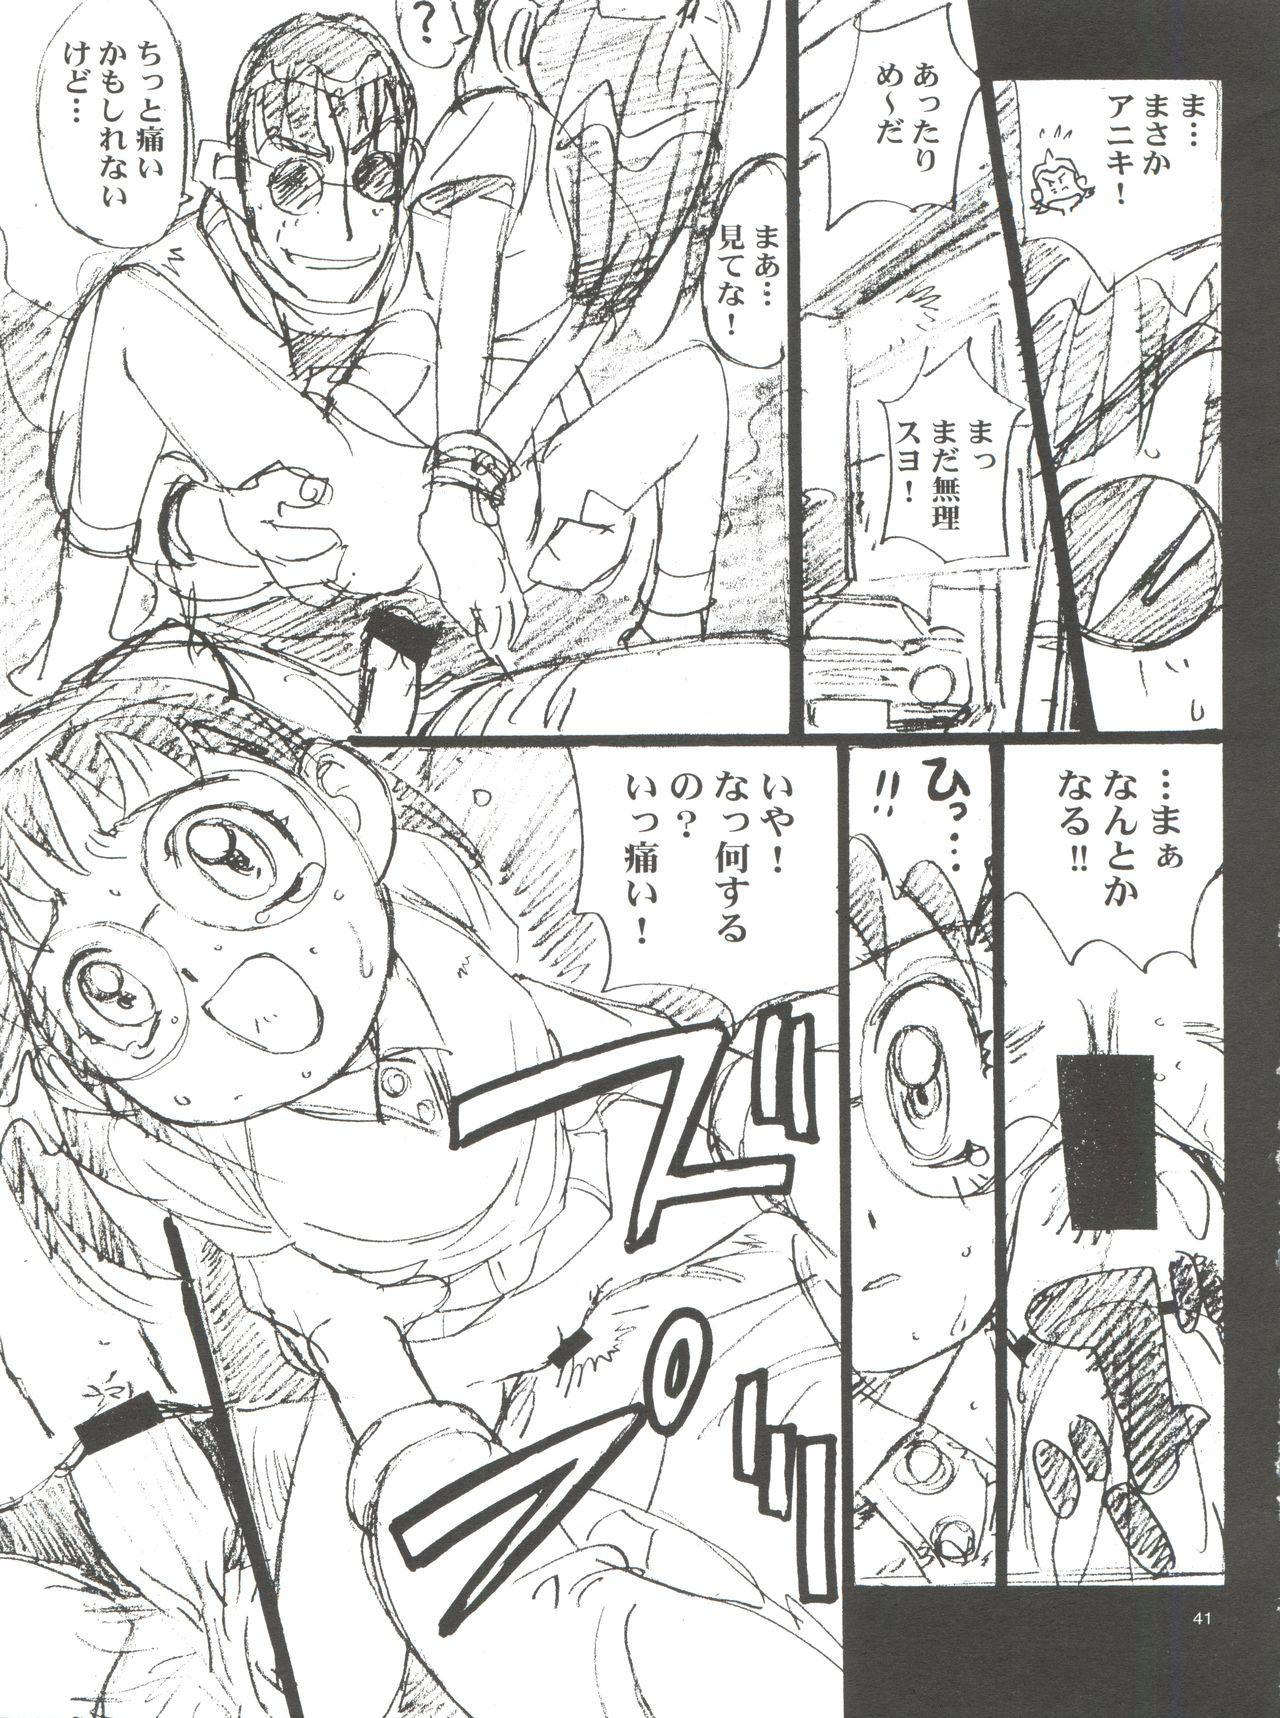 Wanpaku Anime Daihyakka Nanno Koto Jisensyuu Vol. 1 42